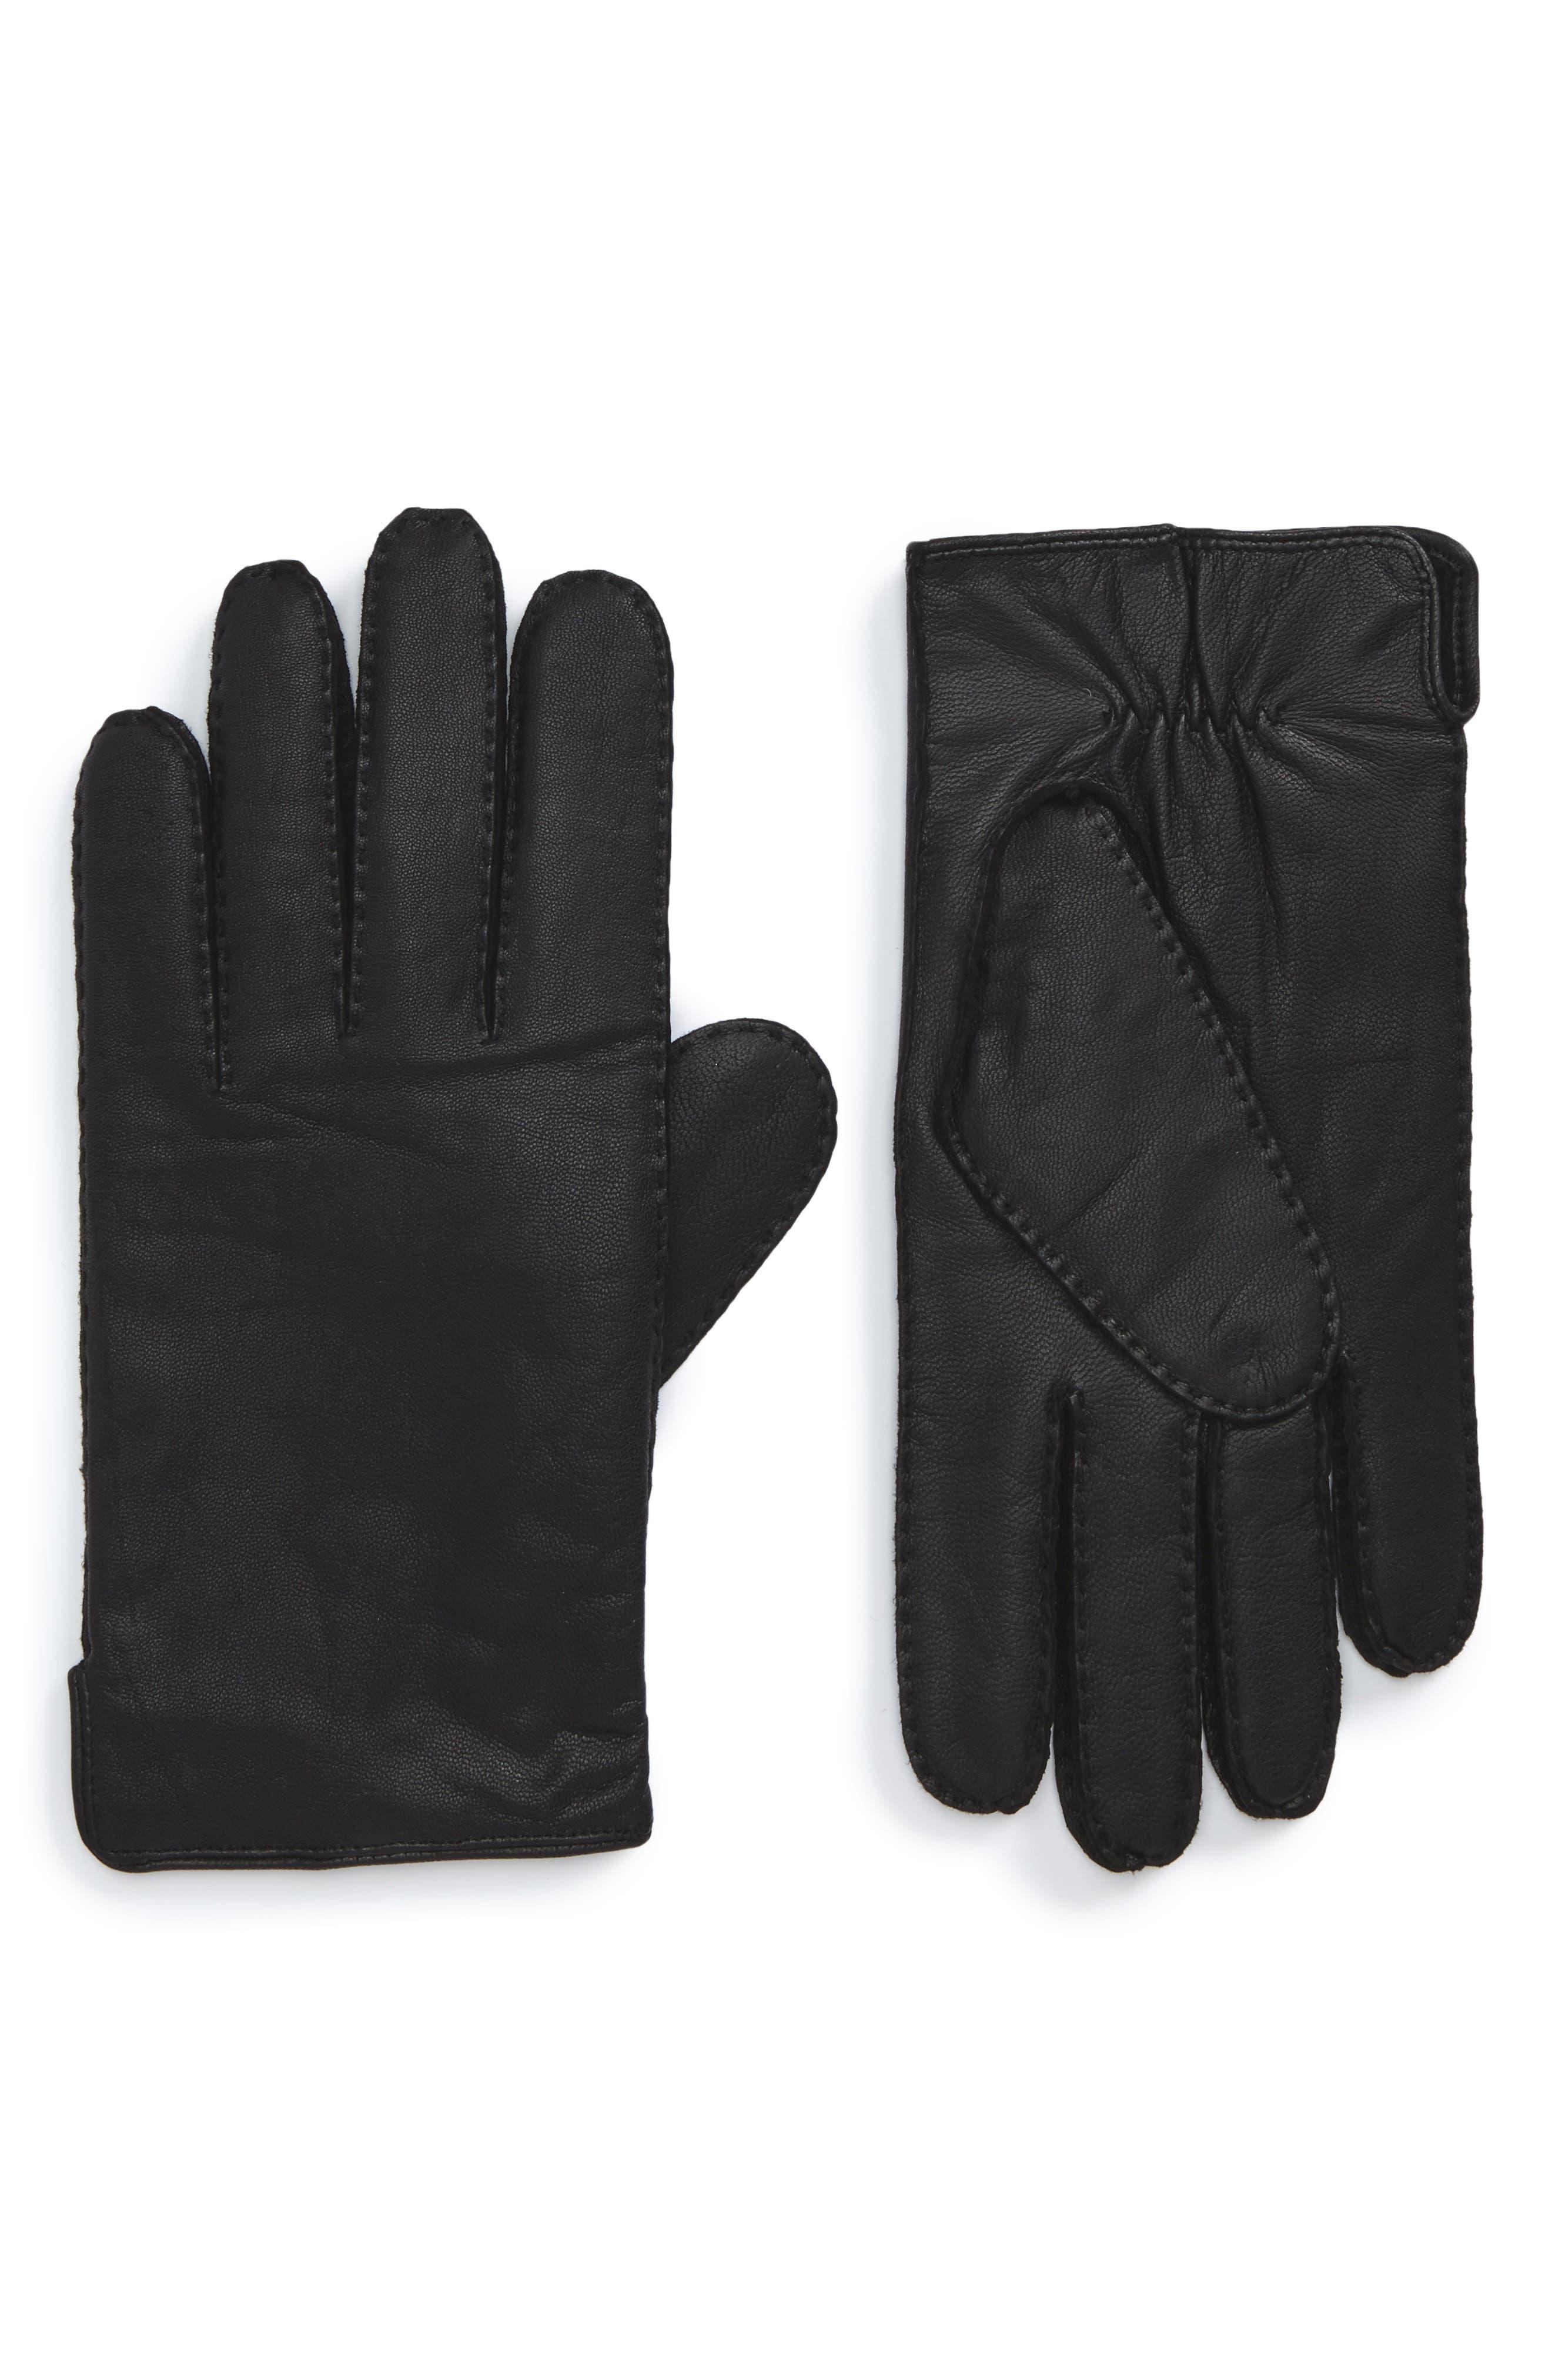 BOSS Kanton Leather Gloves